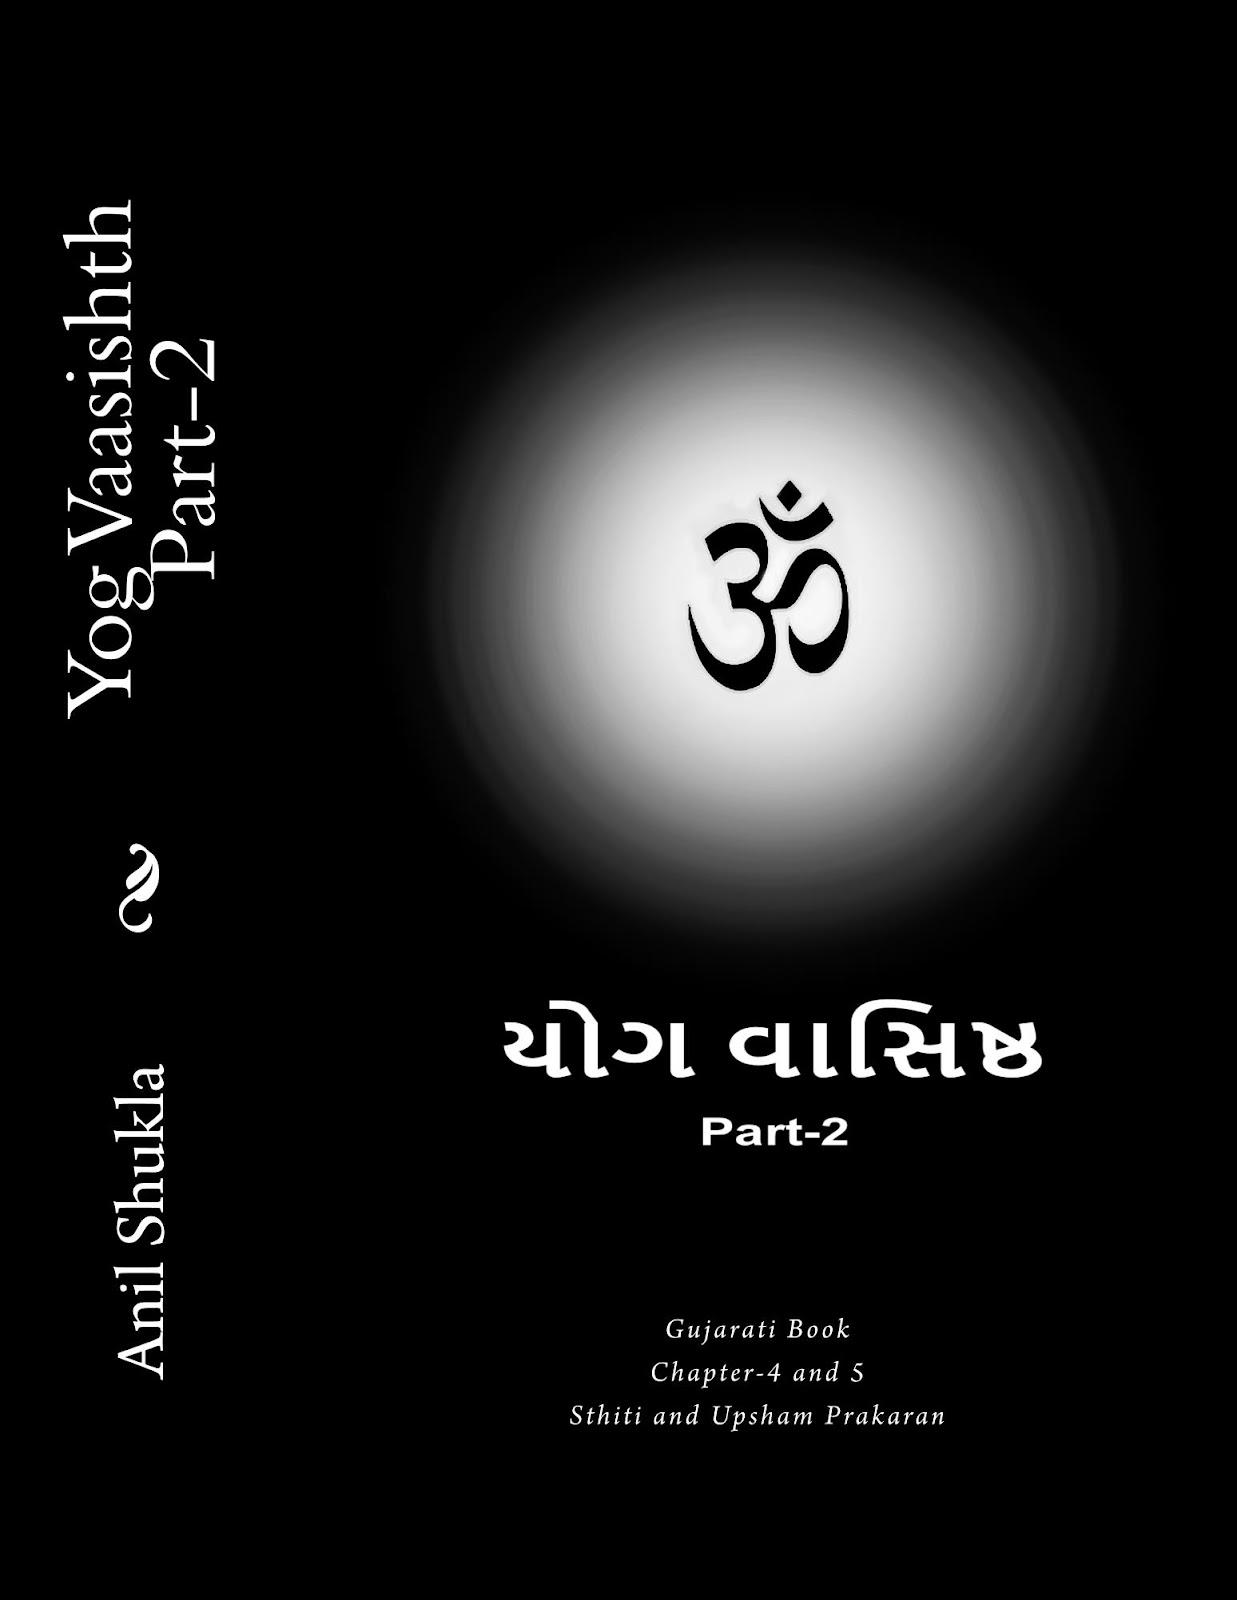 GujaratiYog_Vaasish_Part-2.jpg